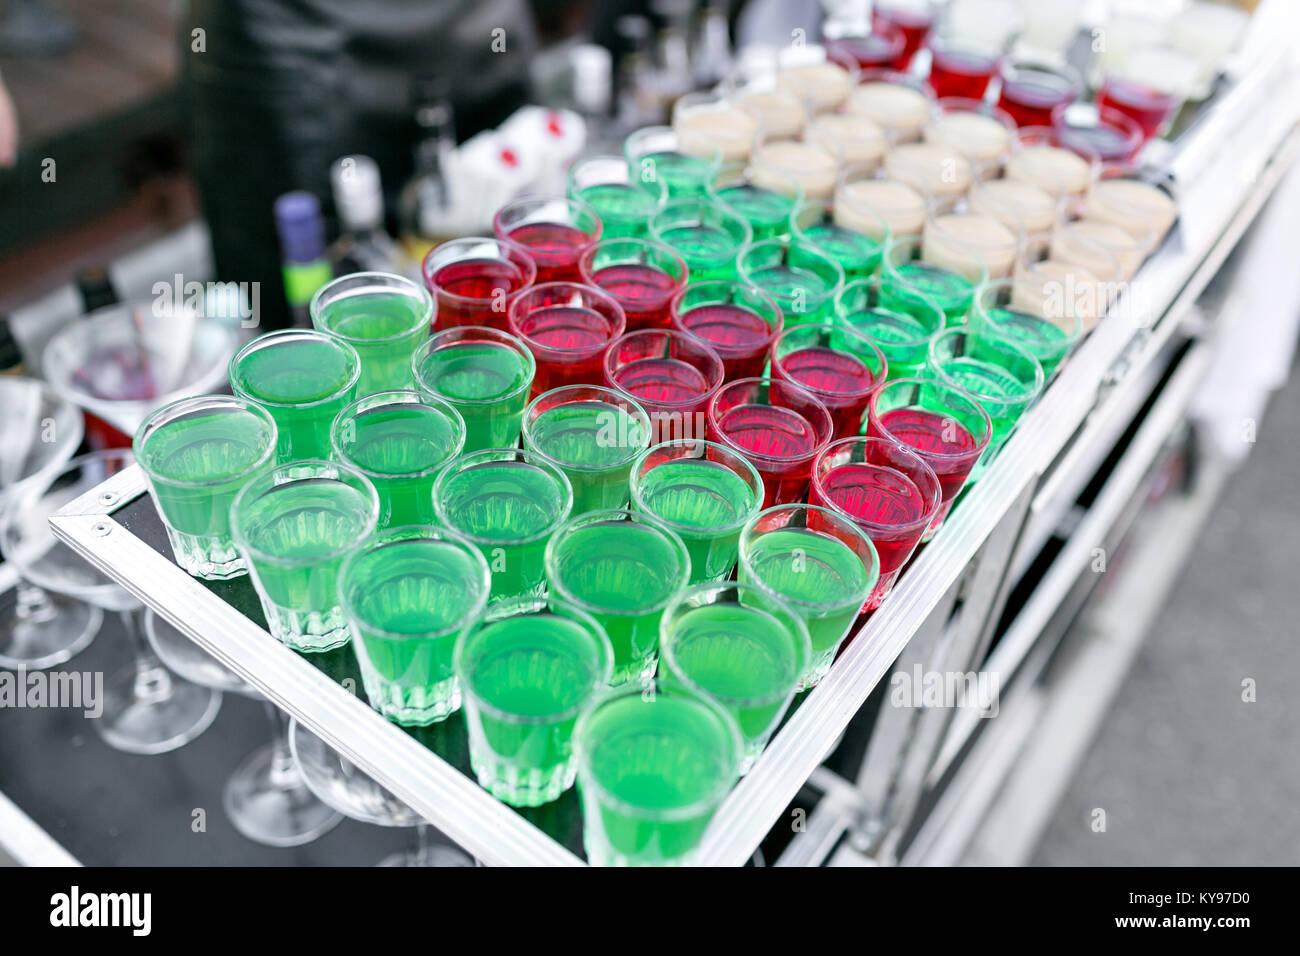 Linea di riga di colori diversi cocktail alcolico su un party. giorno di nozze o di compleanno Immagini Stock